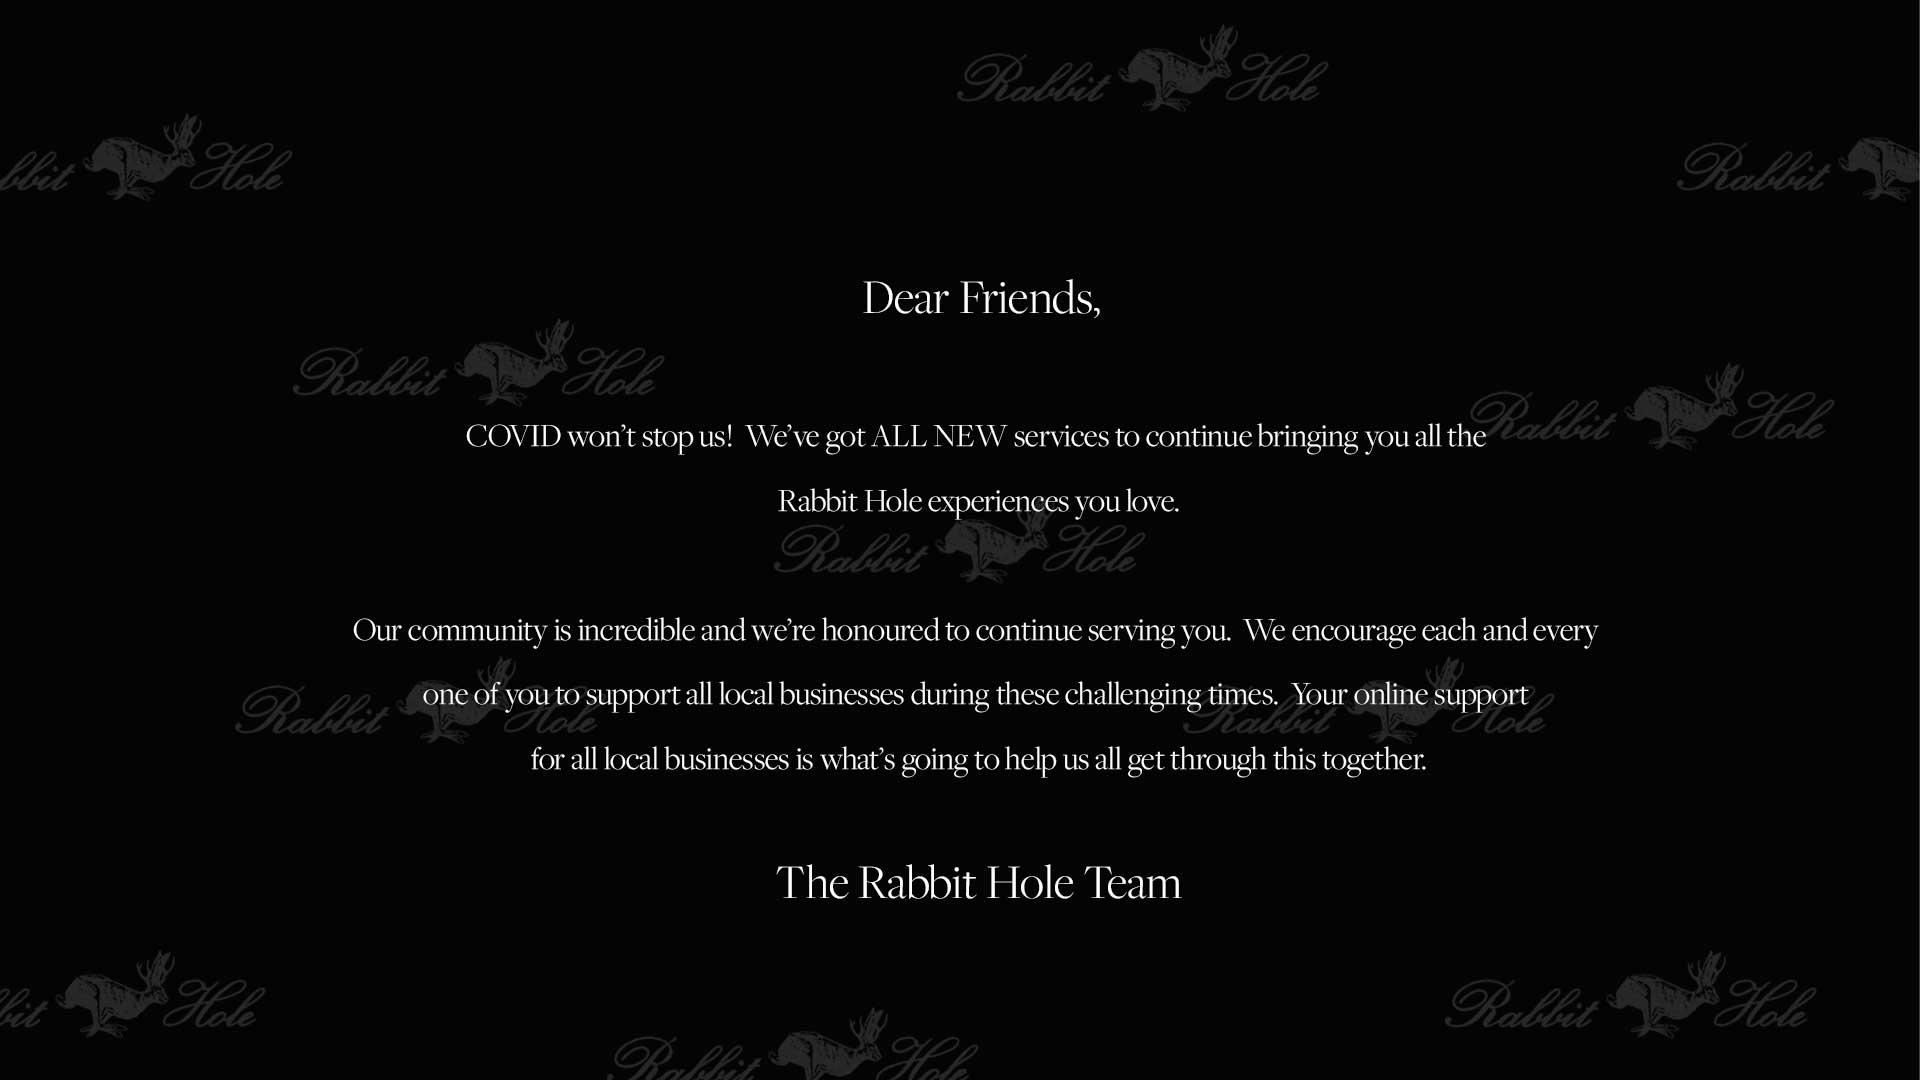 rh-covid-update